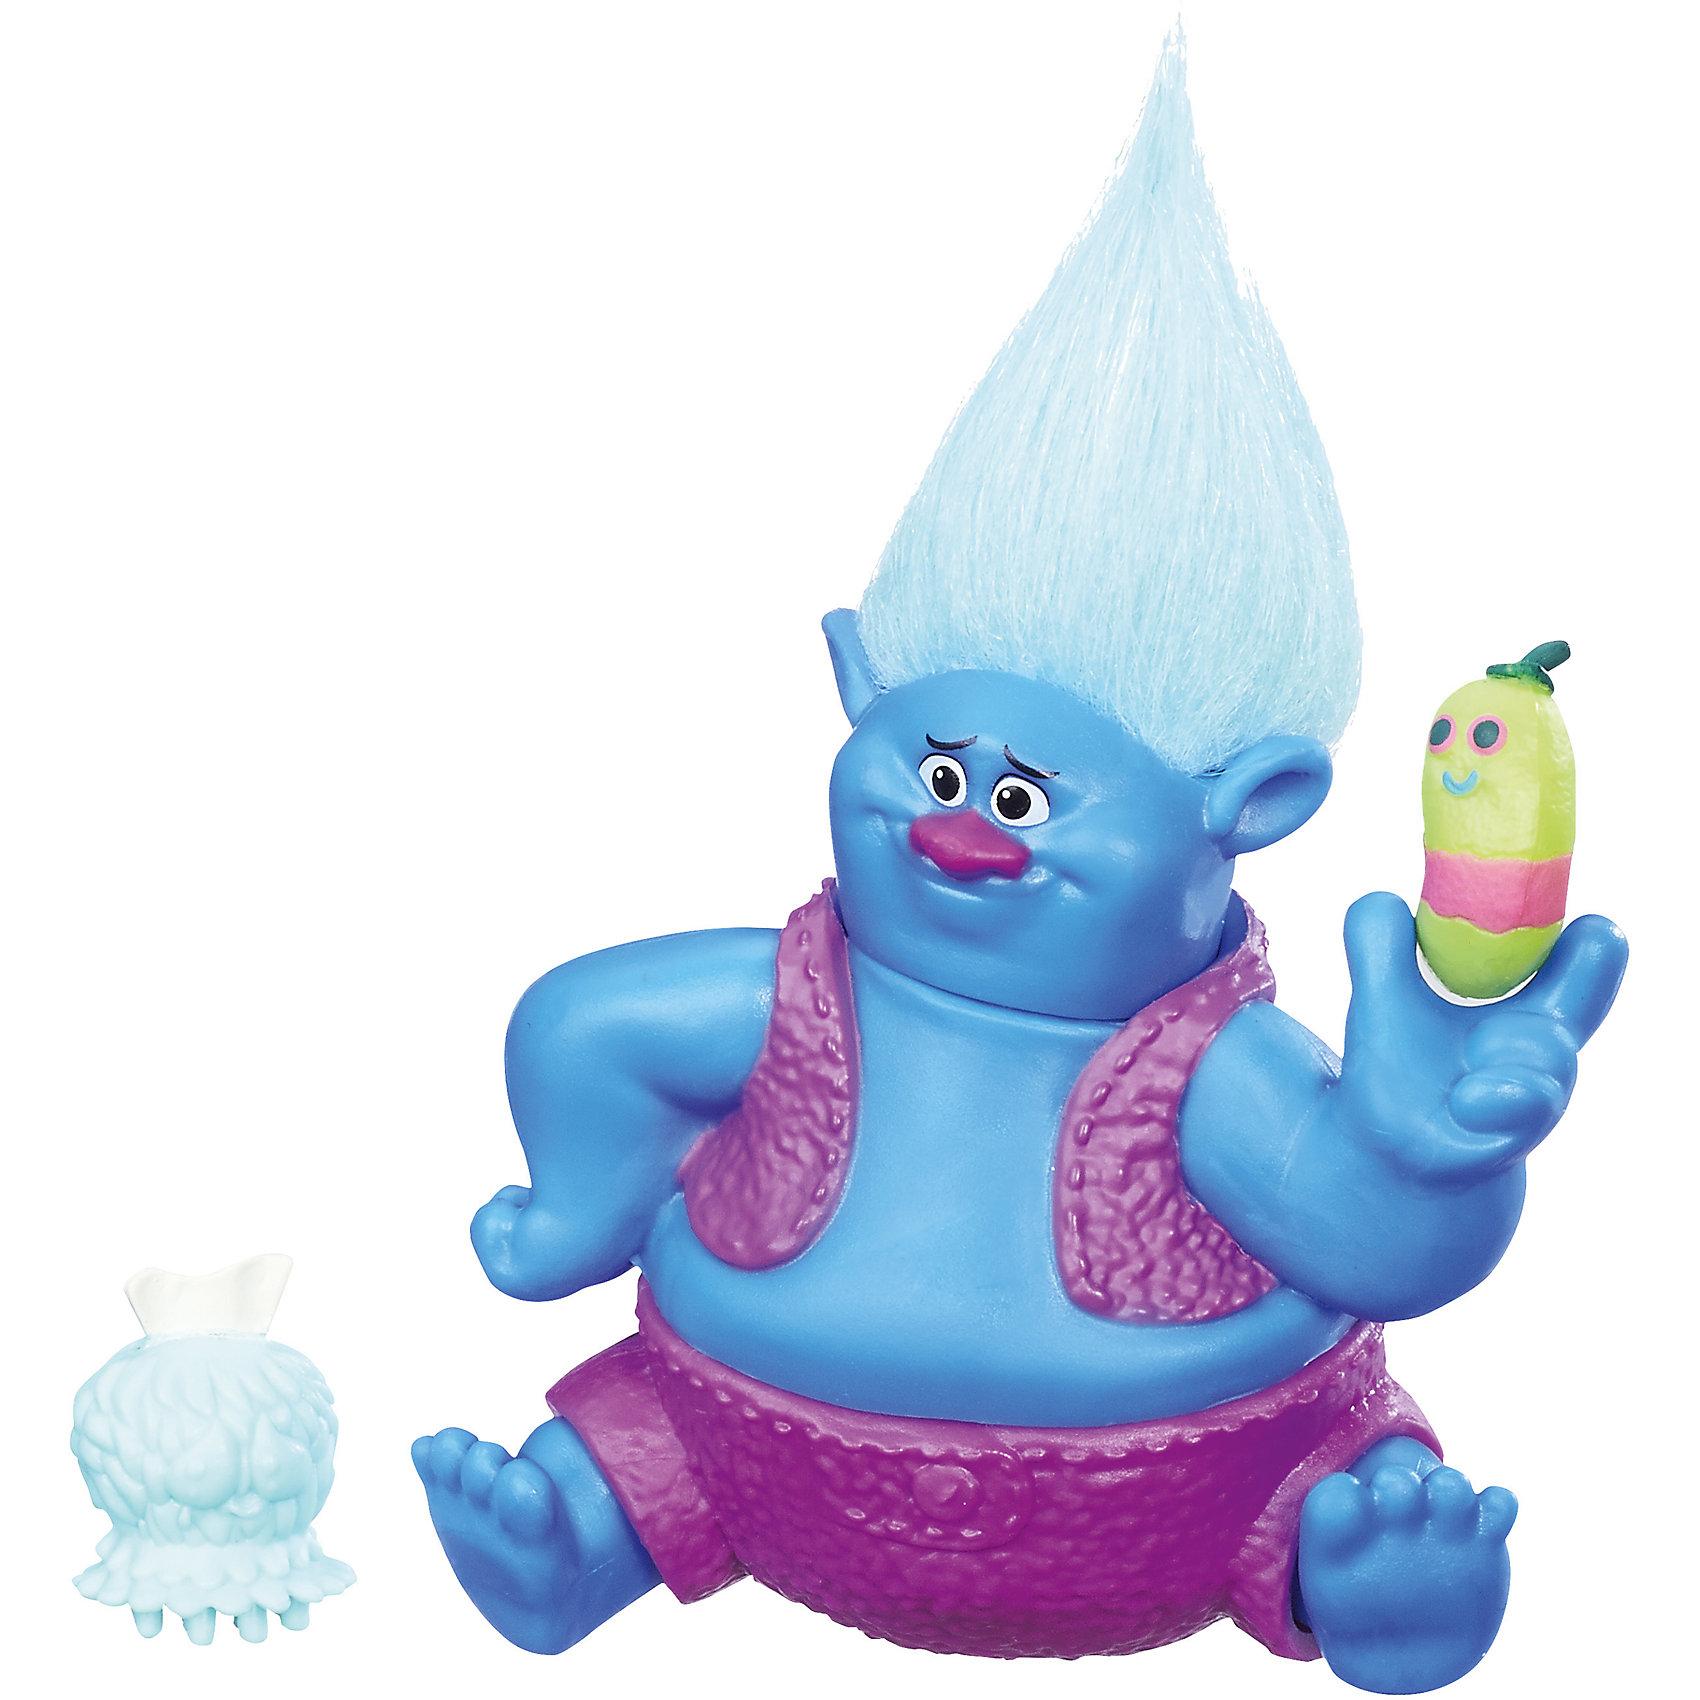 Коллекционная фигурка Бигги, ТроллиКоллекционная фигурка, Тролли, B8046/B6555<br><br>Характеристики:<br><br>• Размер: 10 см<br>• В комплекте: фигурка тролля, гребешок<br>• Цвет: синий<br>• Возраст: от 4 лет<br>• Материал: пластик<br><br>Герой нового фильма «Тролли» порадует каждого малыша. Фигурка сделана из качественных и крепких материалов, поэтому с игрушкой можно играть даже на улице. Волосы тролля можно причесывать с помощью гребешка, который идет в комплекте. Закреплять прическу можно с помощью заколки, которой украшены волосы тролля. <br><br>Коллекционная фигурка, Тролли, B8046/B6555 можно купить в нашем интернет-магазине.<br><br>Ширина мм: 150<br>Глубина мм: 114<br>Высота мм: 40<br>Вес г: 40<br>Возраст от месяцев: 48<br>Возраст до месяцев: 96<br>Пол: Унисекс<br>Возраст: Детский<br>SKU: 5177805